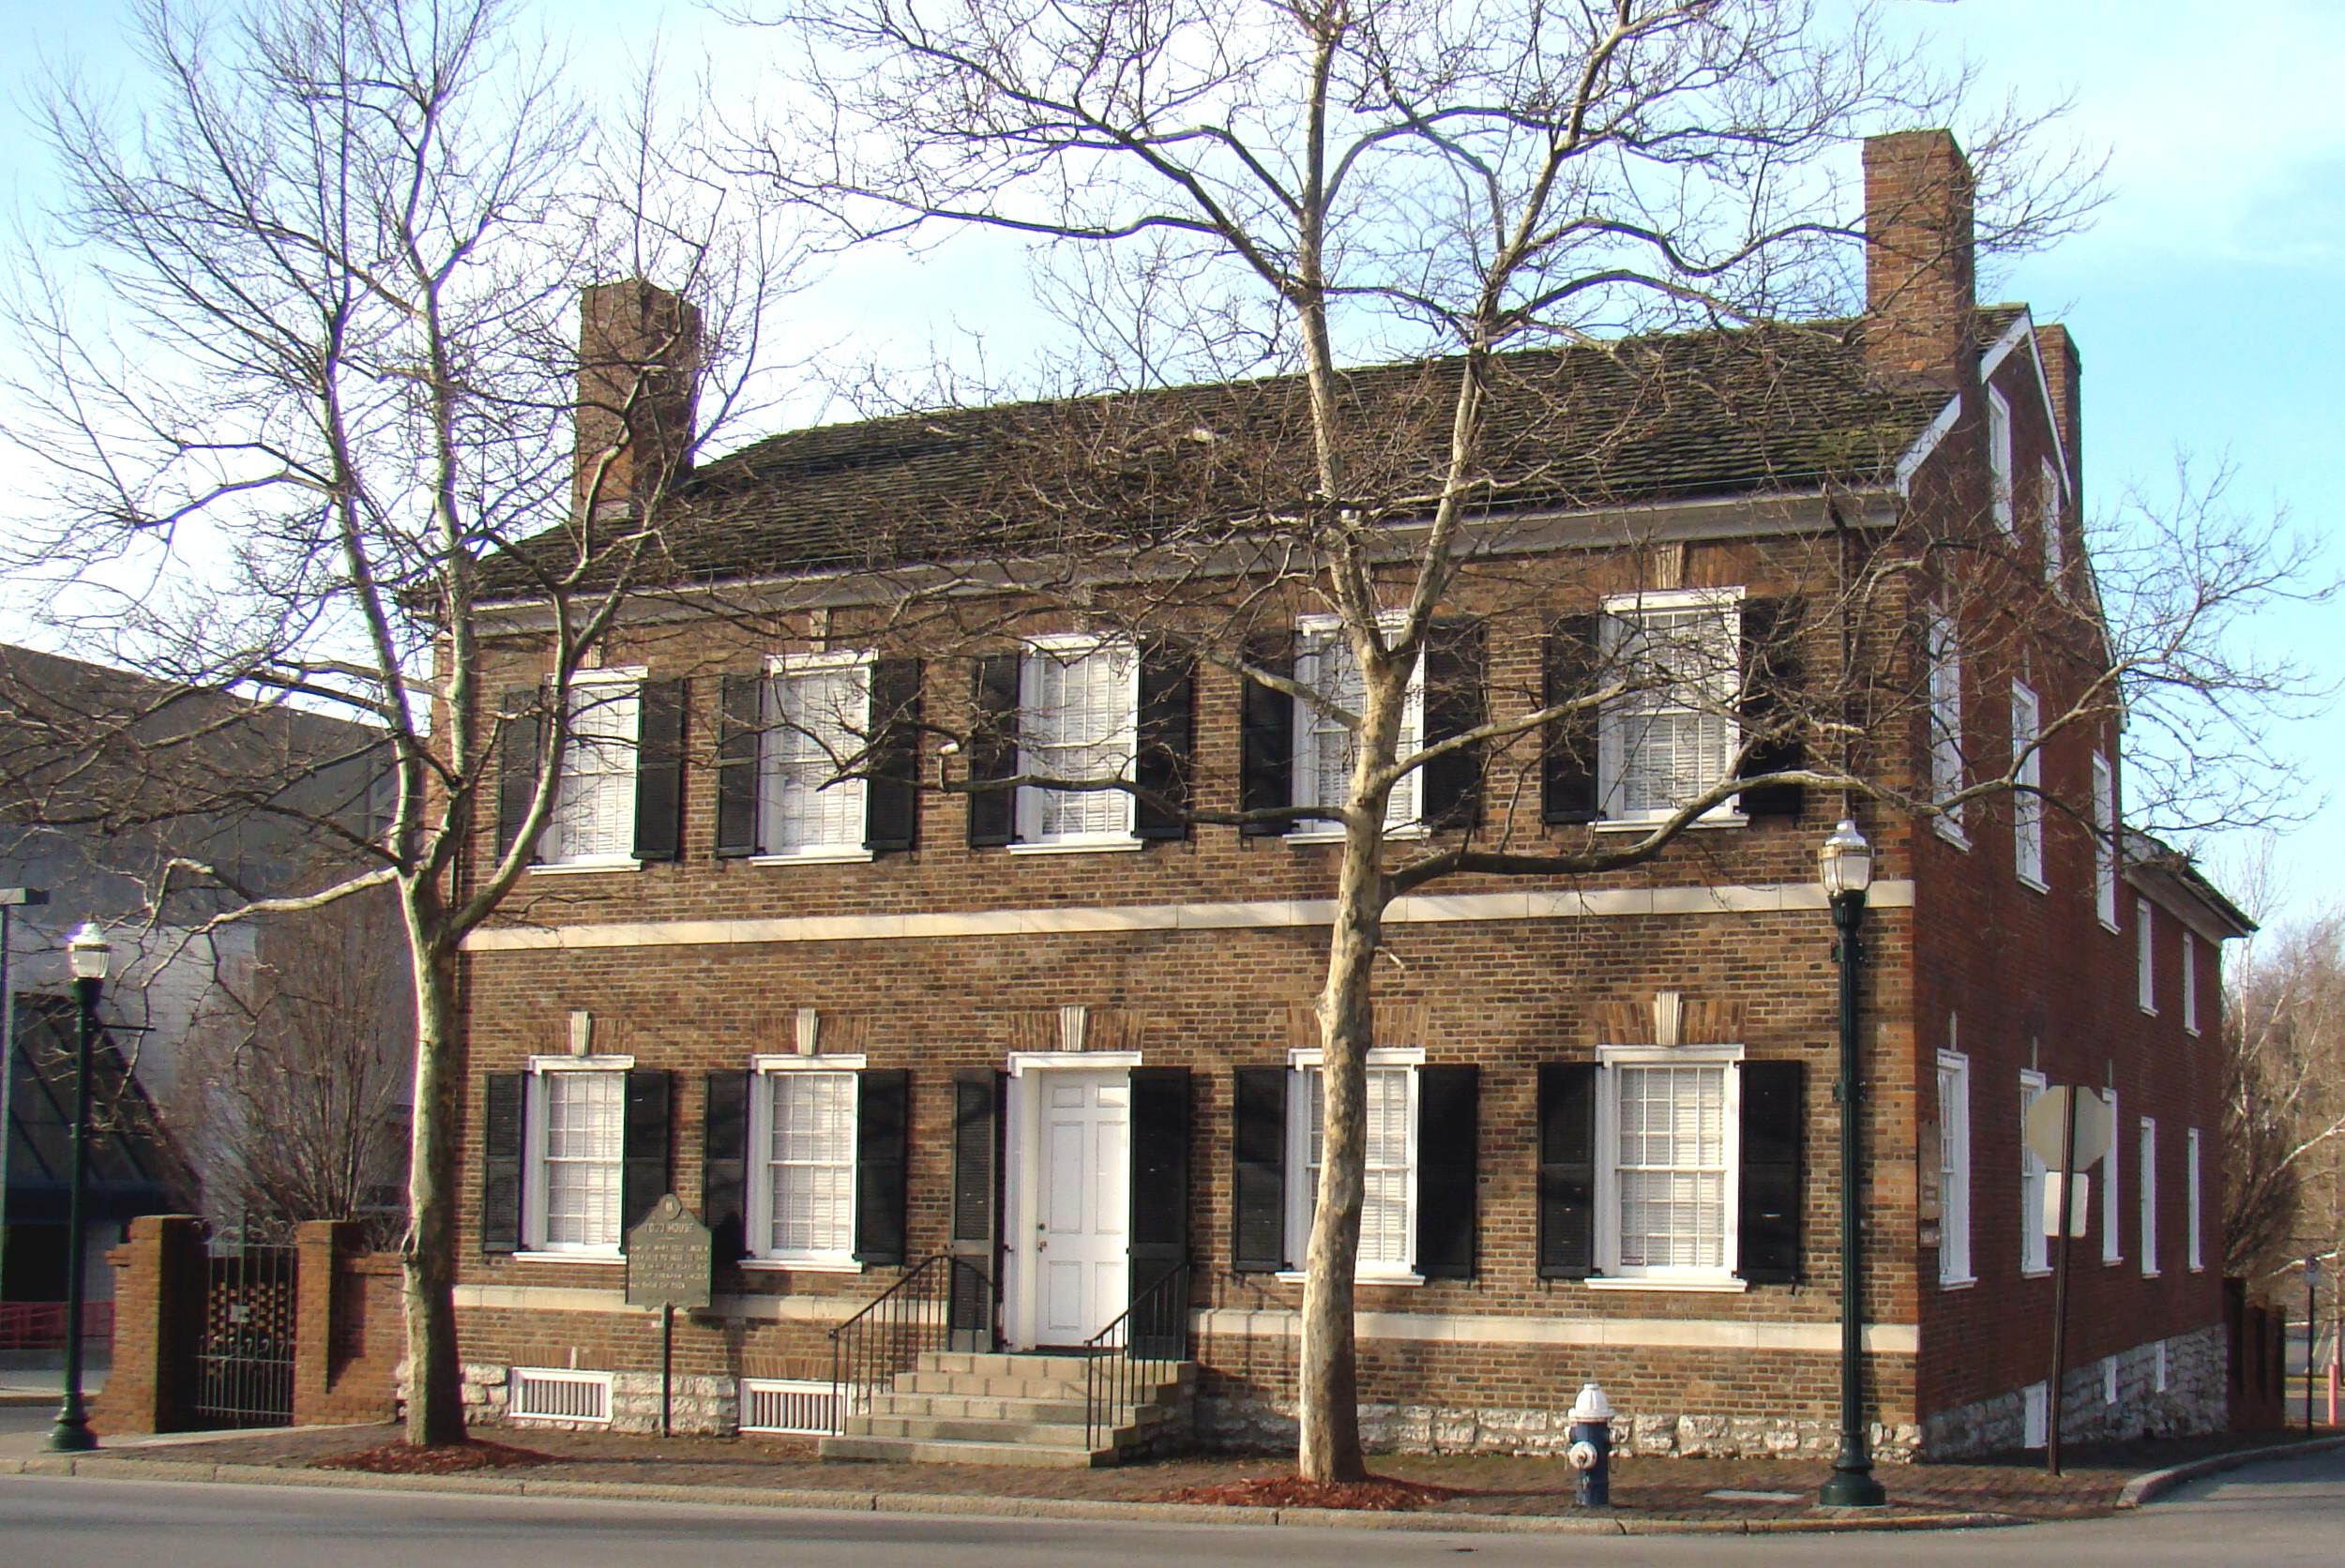 Lexington House Marketing Mail: File:Mary Todd Lincoln House, Lexington Kentucky 3.jpg